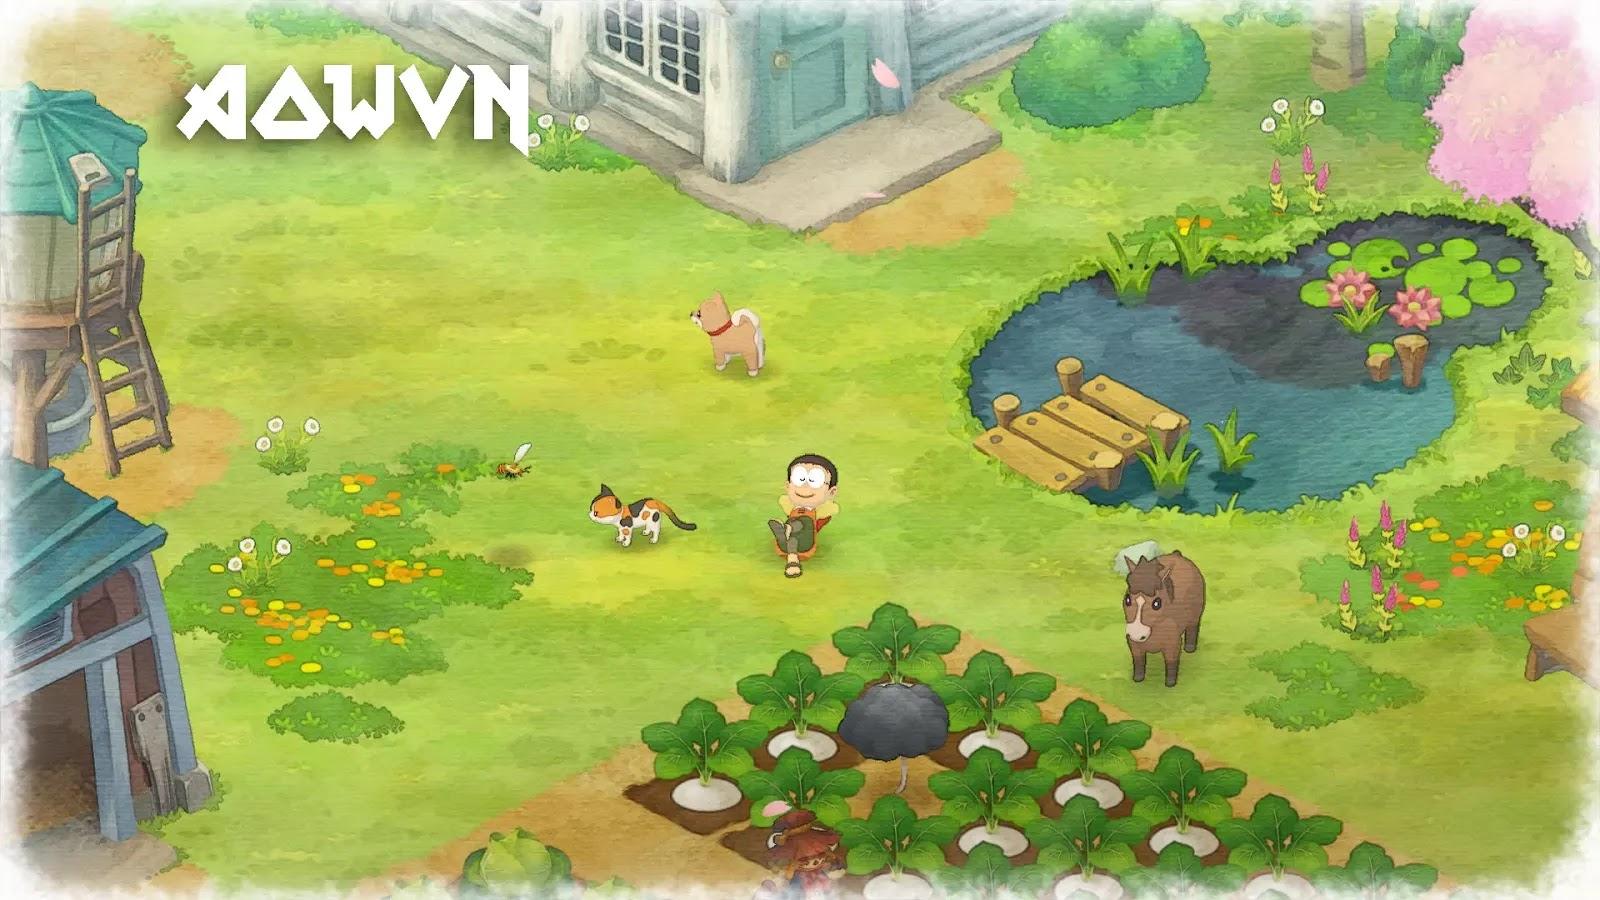 %255B%2BNEW%2B%255D%2BGame%2B%2BDORAEMON%2BSTORY%2BOF%2BSEASONS%2B%2BPC%2B %2BN%25C3%25B4ng%2Btr%25E1%25BA%25A1i%2BDoremon%2B%25283%2529 - [ NEW ] Game : Doraemon and Story of Seasons | PC - Game nông trại Doremon